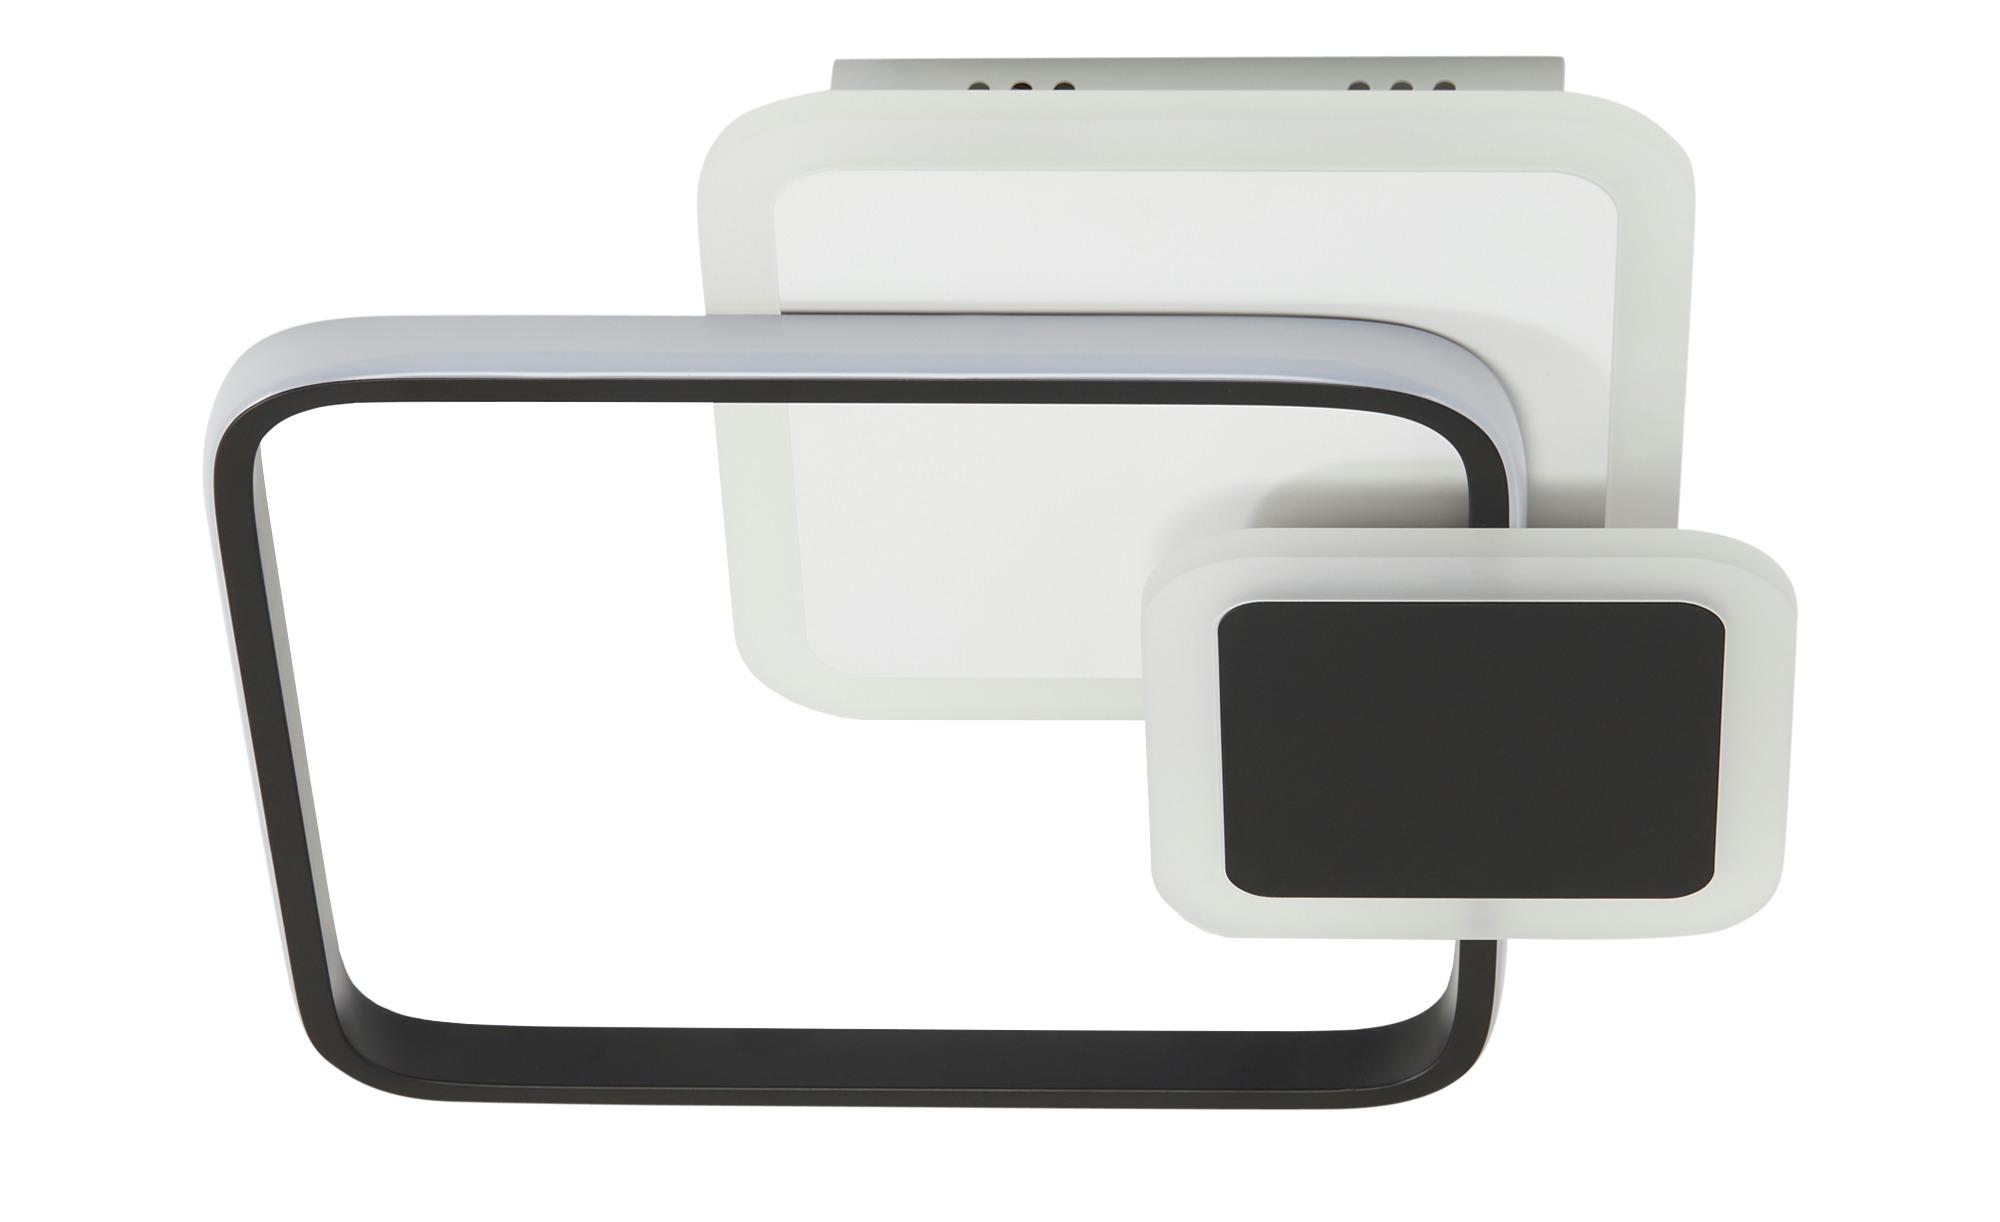 KHG LED-Deckenleuchte, schwarz/weiß, eckig ¦ weiß ¦ Maße (cm): B: 38 H: 7 Lampen & Leuchten > Innenleuchten > Deckenleuchten - Höffner